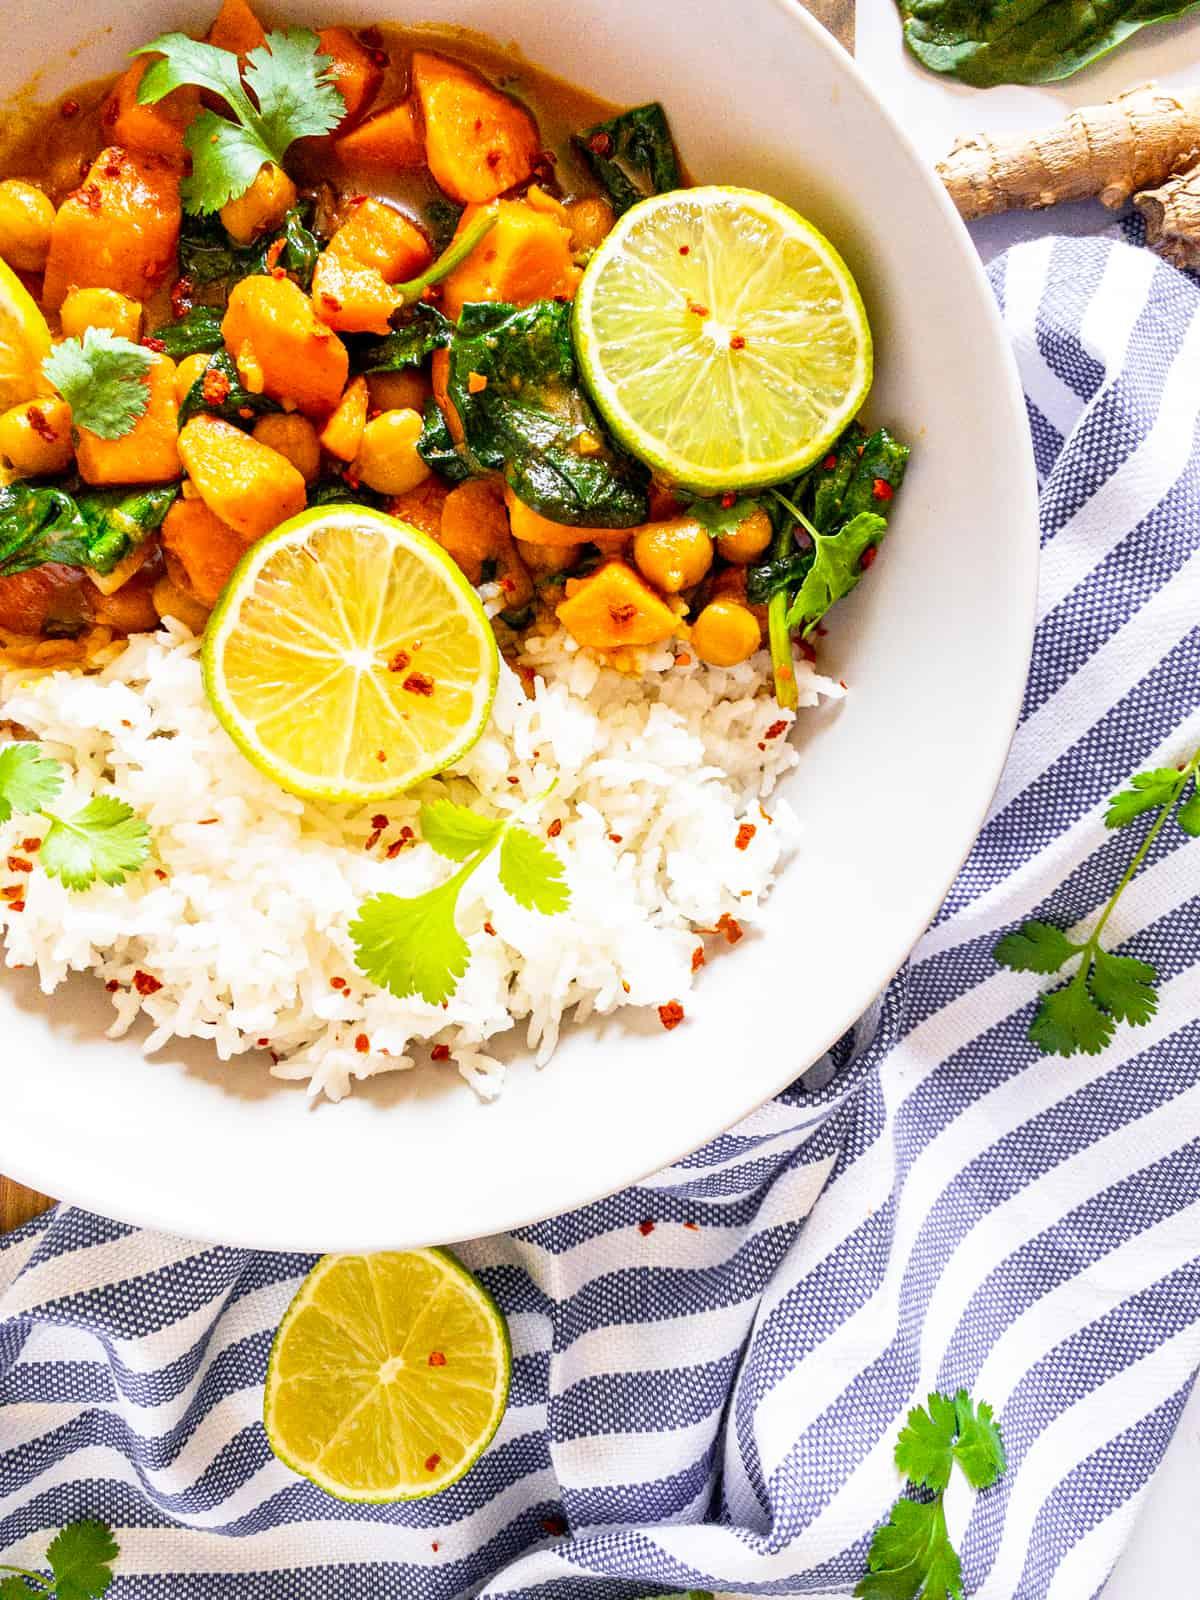 ein weißer Teller mit Reis und Süßkartoffelcurry auf einer blau weißen Tischdecke